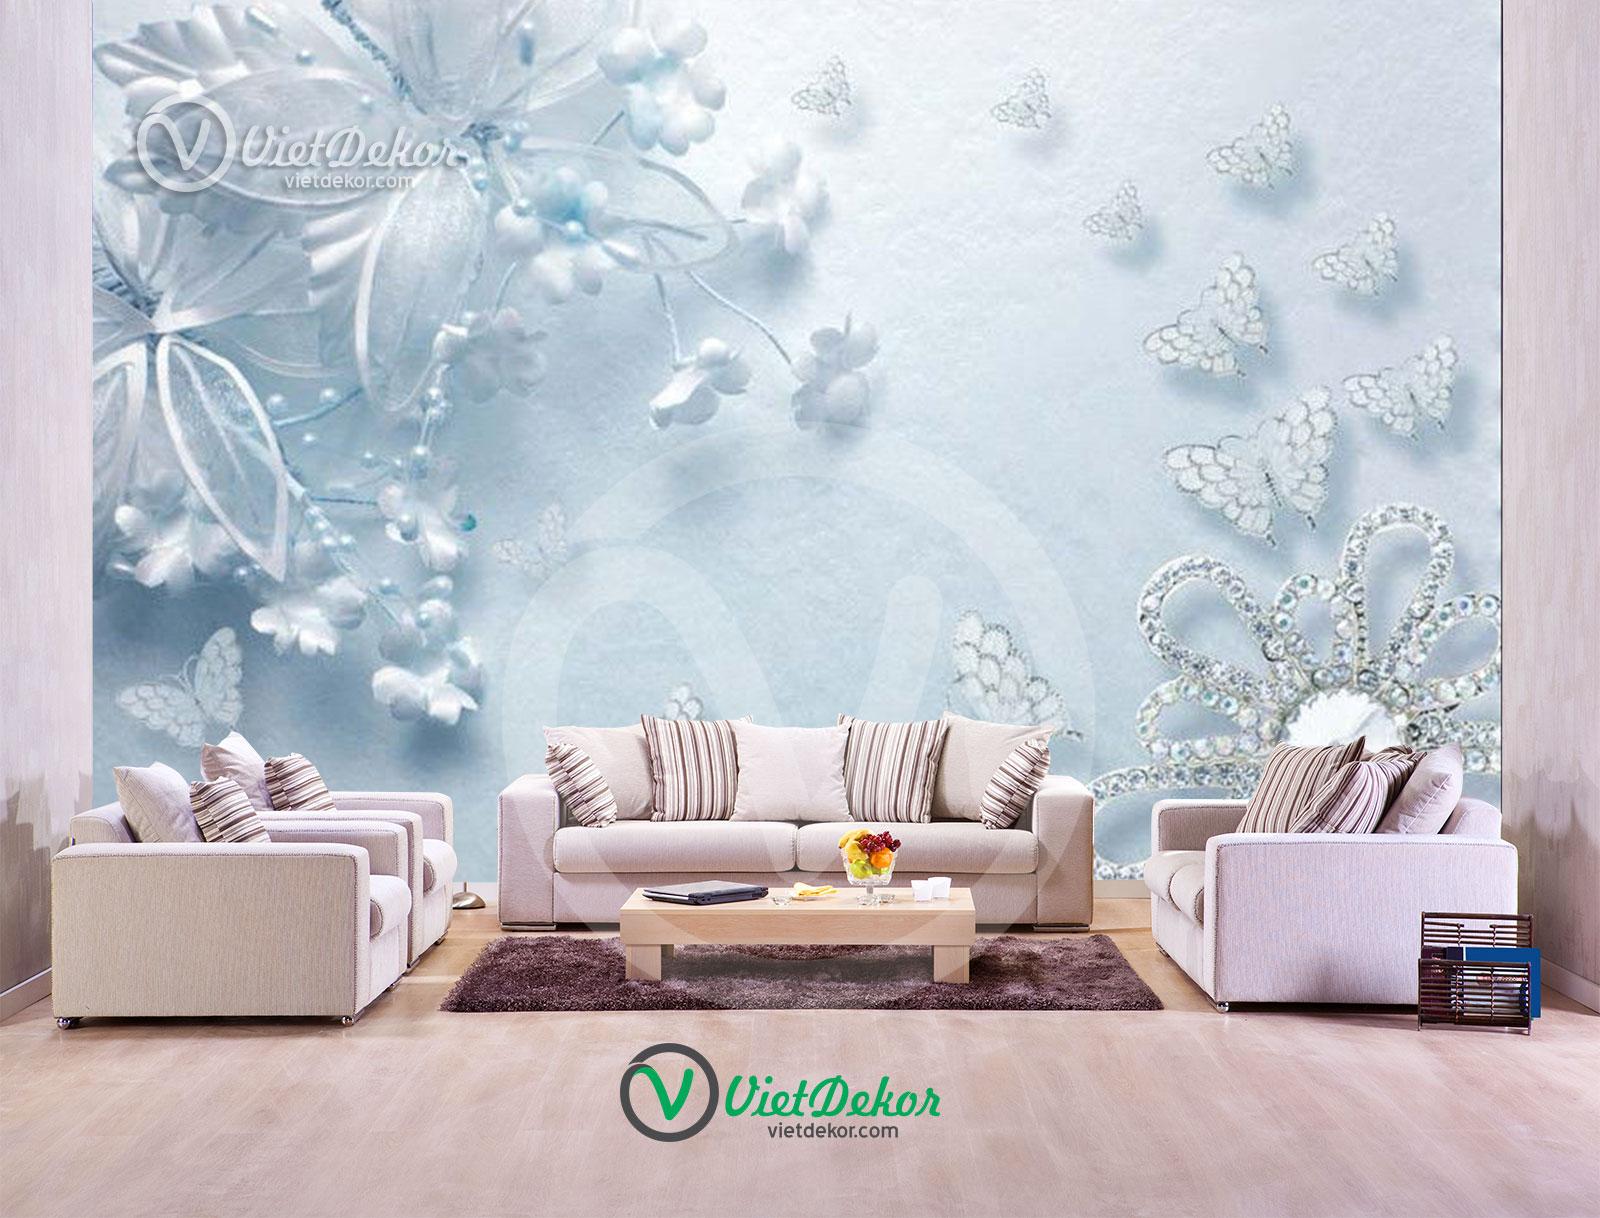 Tranh dán tường 3d hoa bướm ngọc trai trang sức